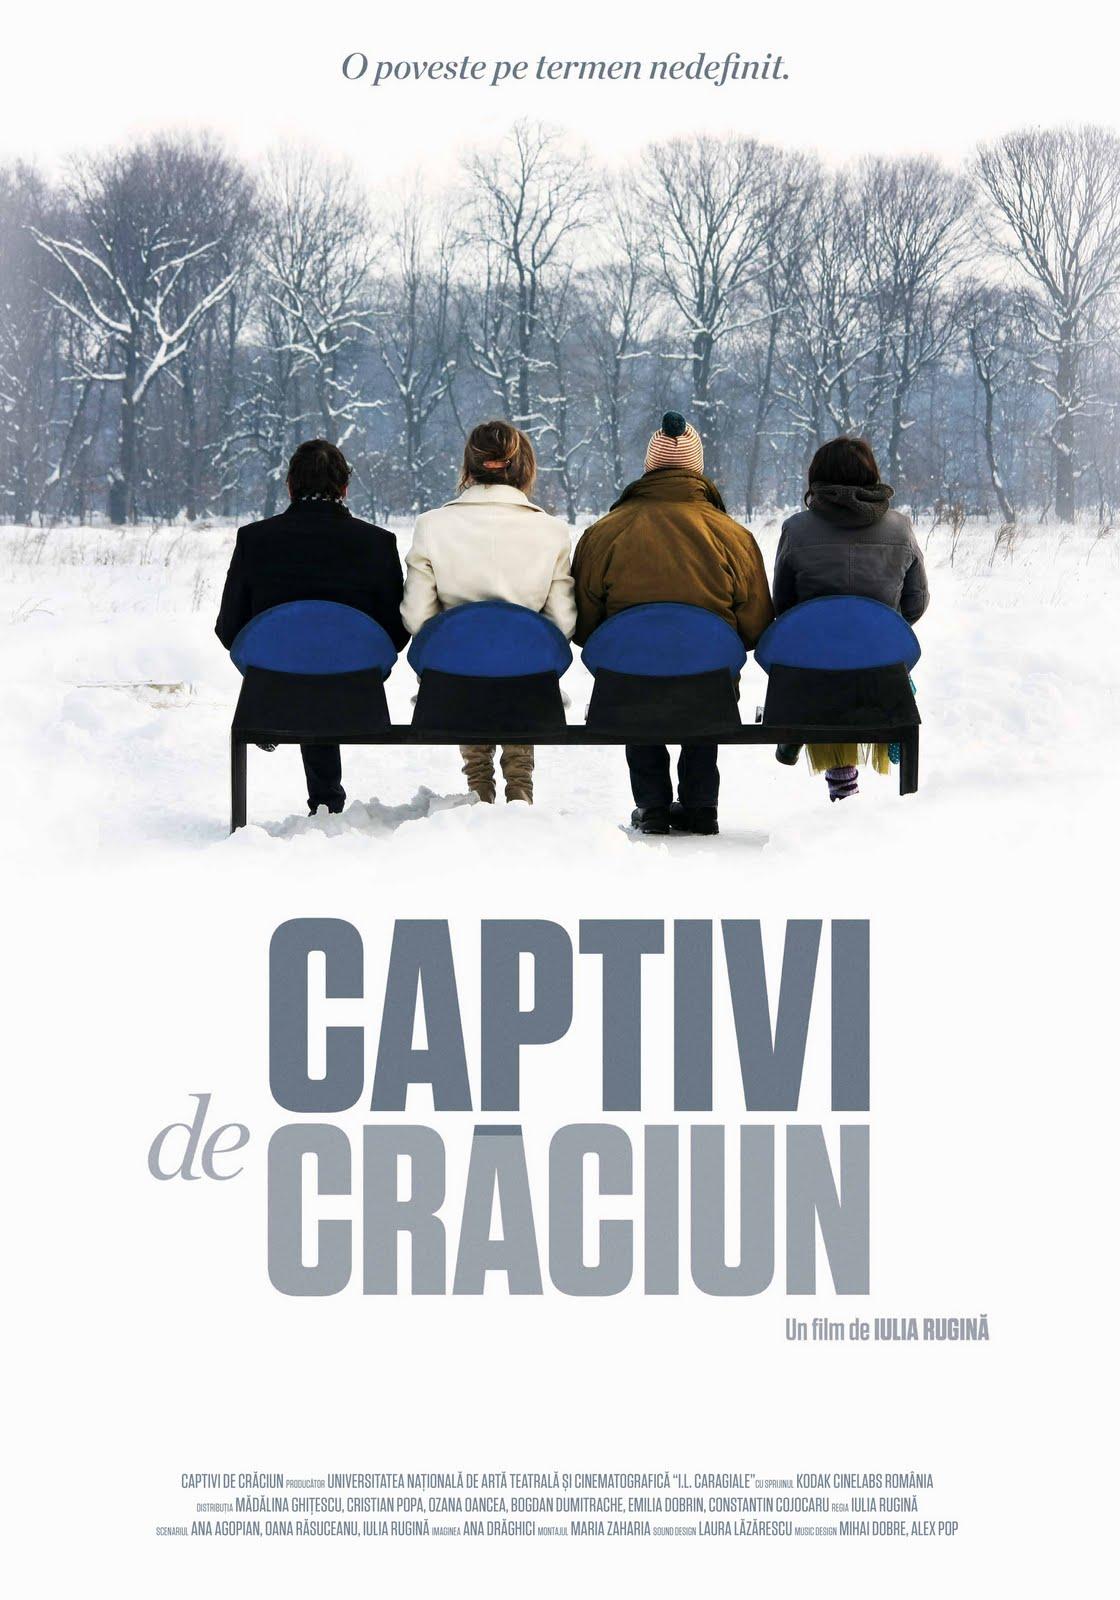 Captivi de Crăciun (2010) - Photo